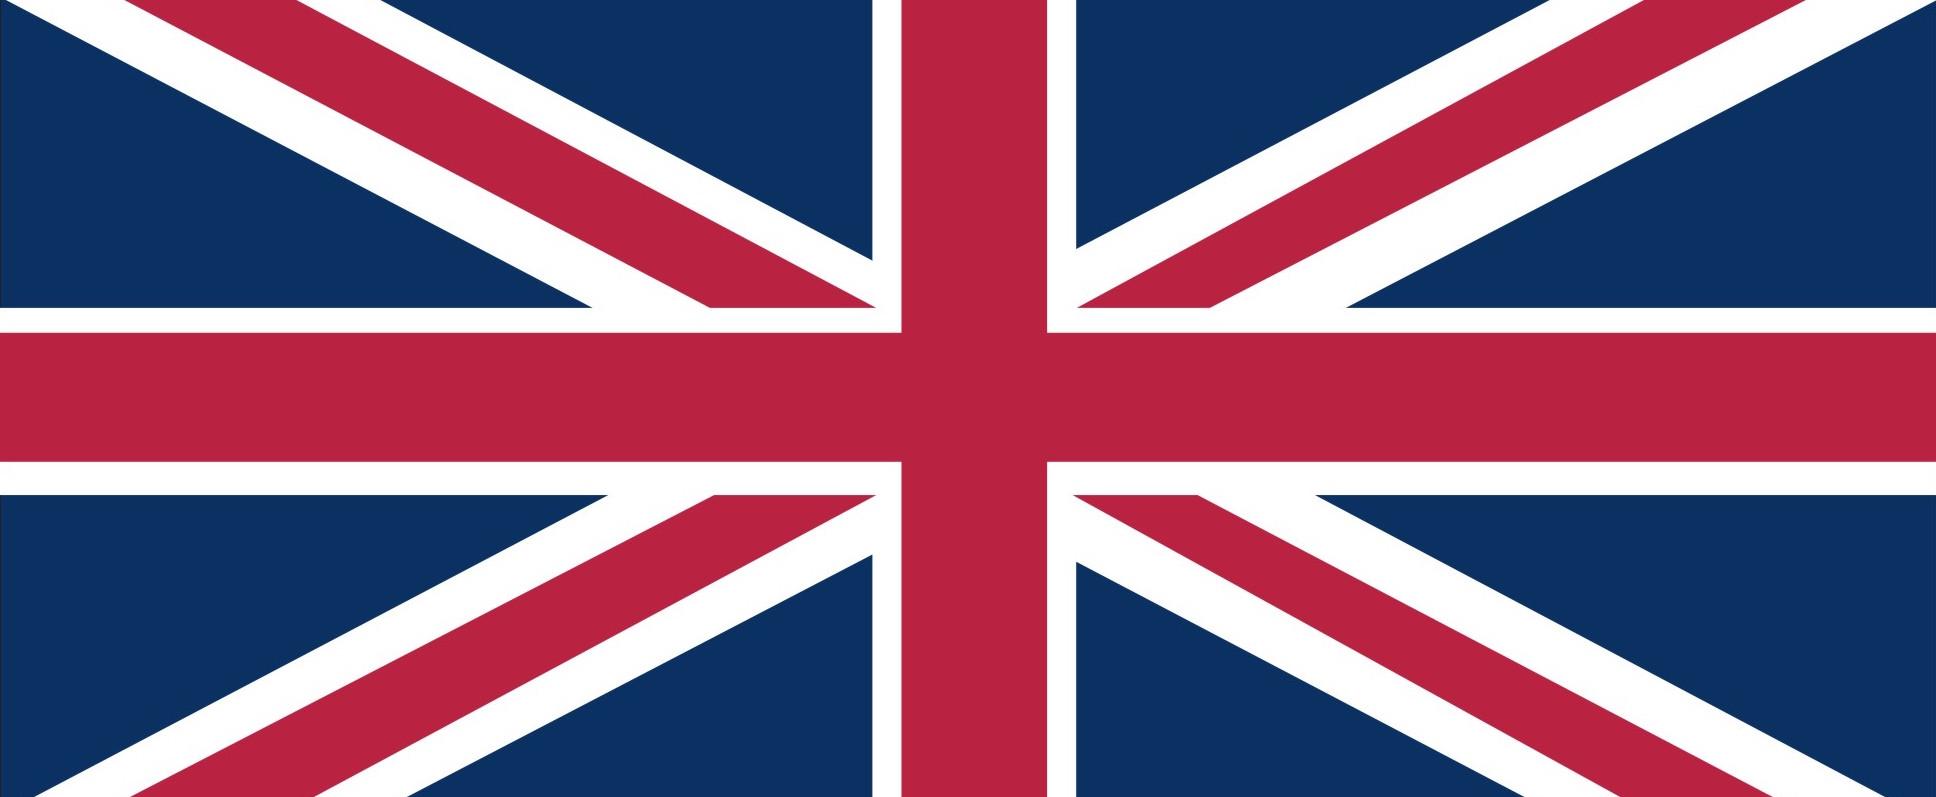 Scegli British School e impara l'inglese!